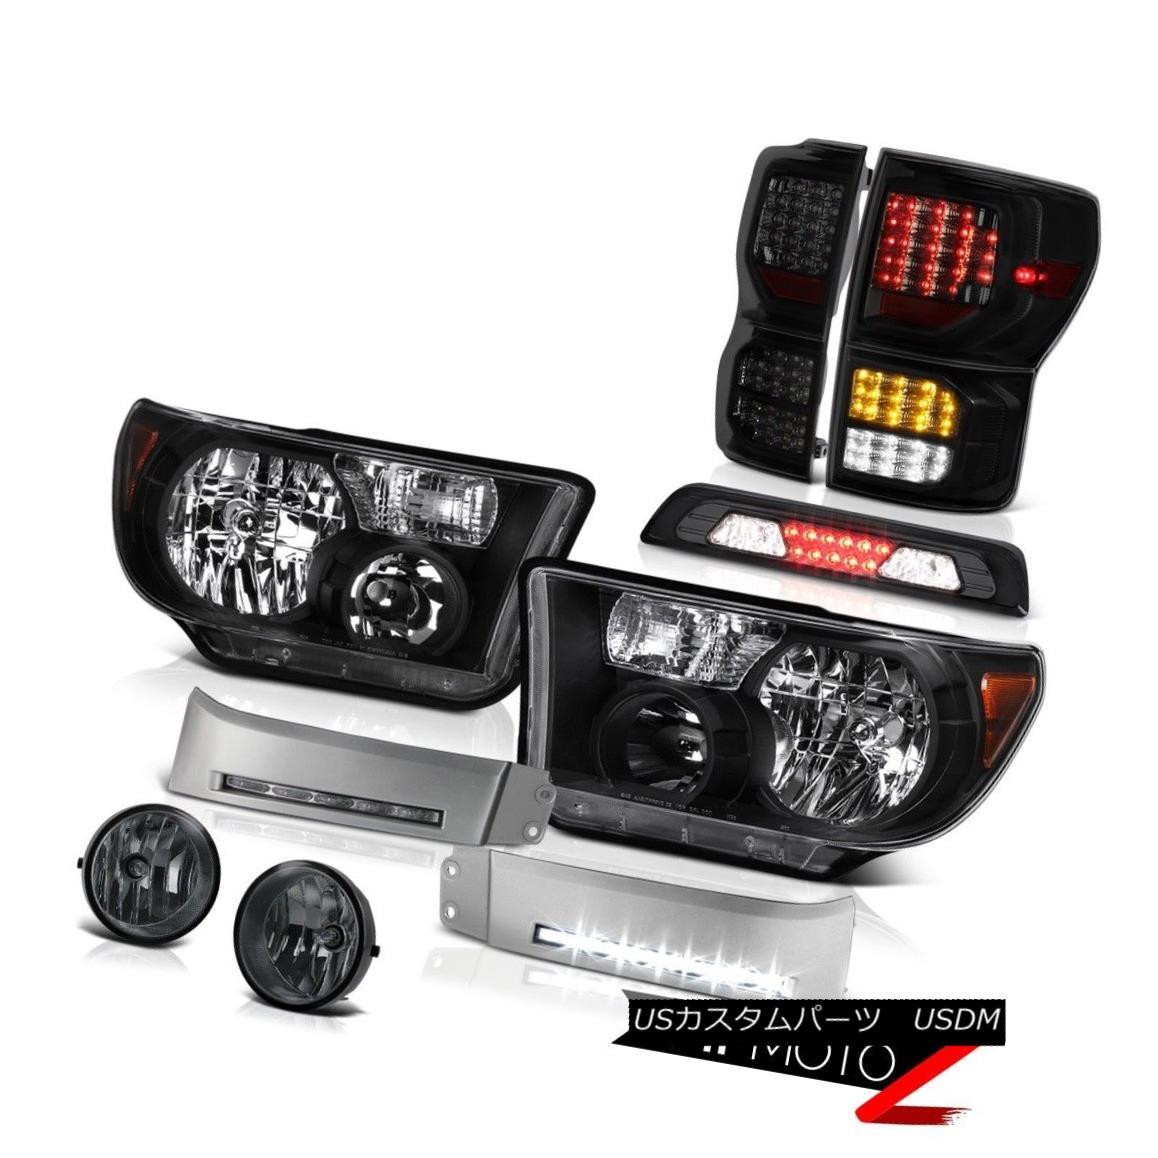 テールライト 2007-2013 Tundra SR5 Taillamps Headlights DRL Strip Roof Cab Light Foglights 2007-2013 Tundra SR5タイルランプヘッドライトDRLストリップルーフキャブライトフォグライト